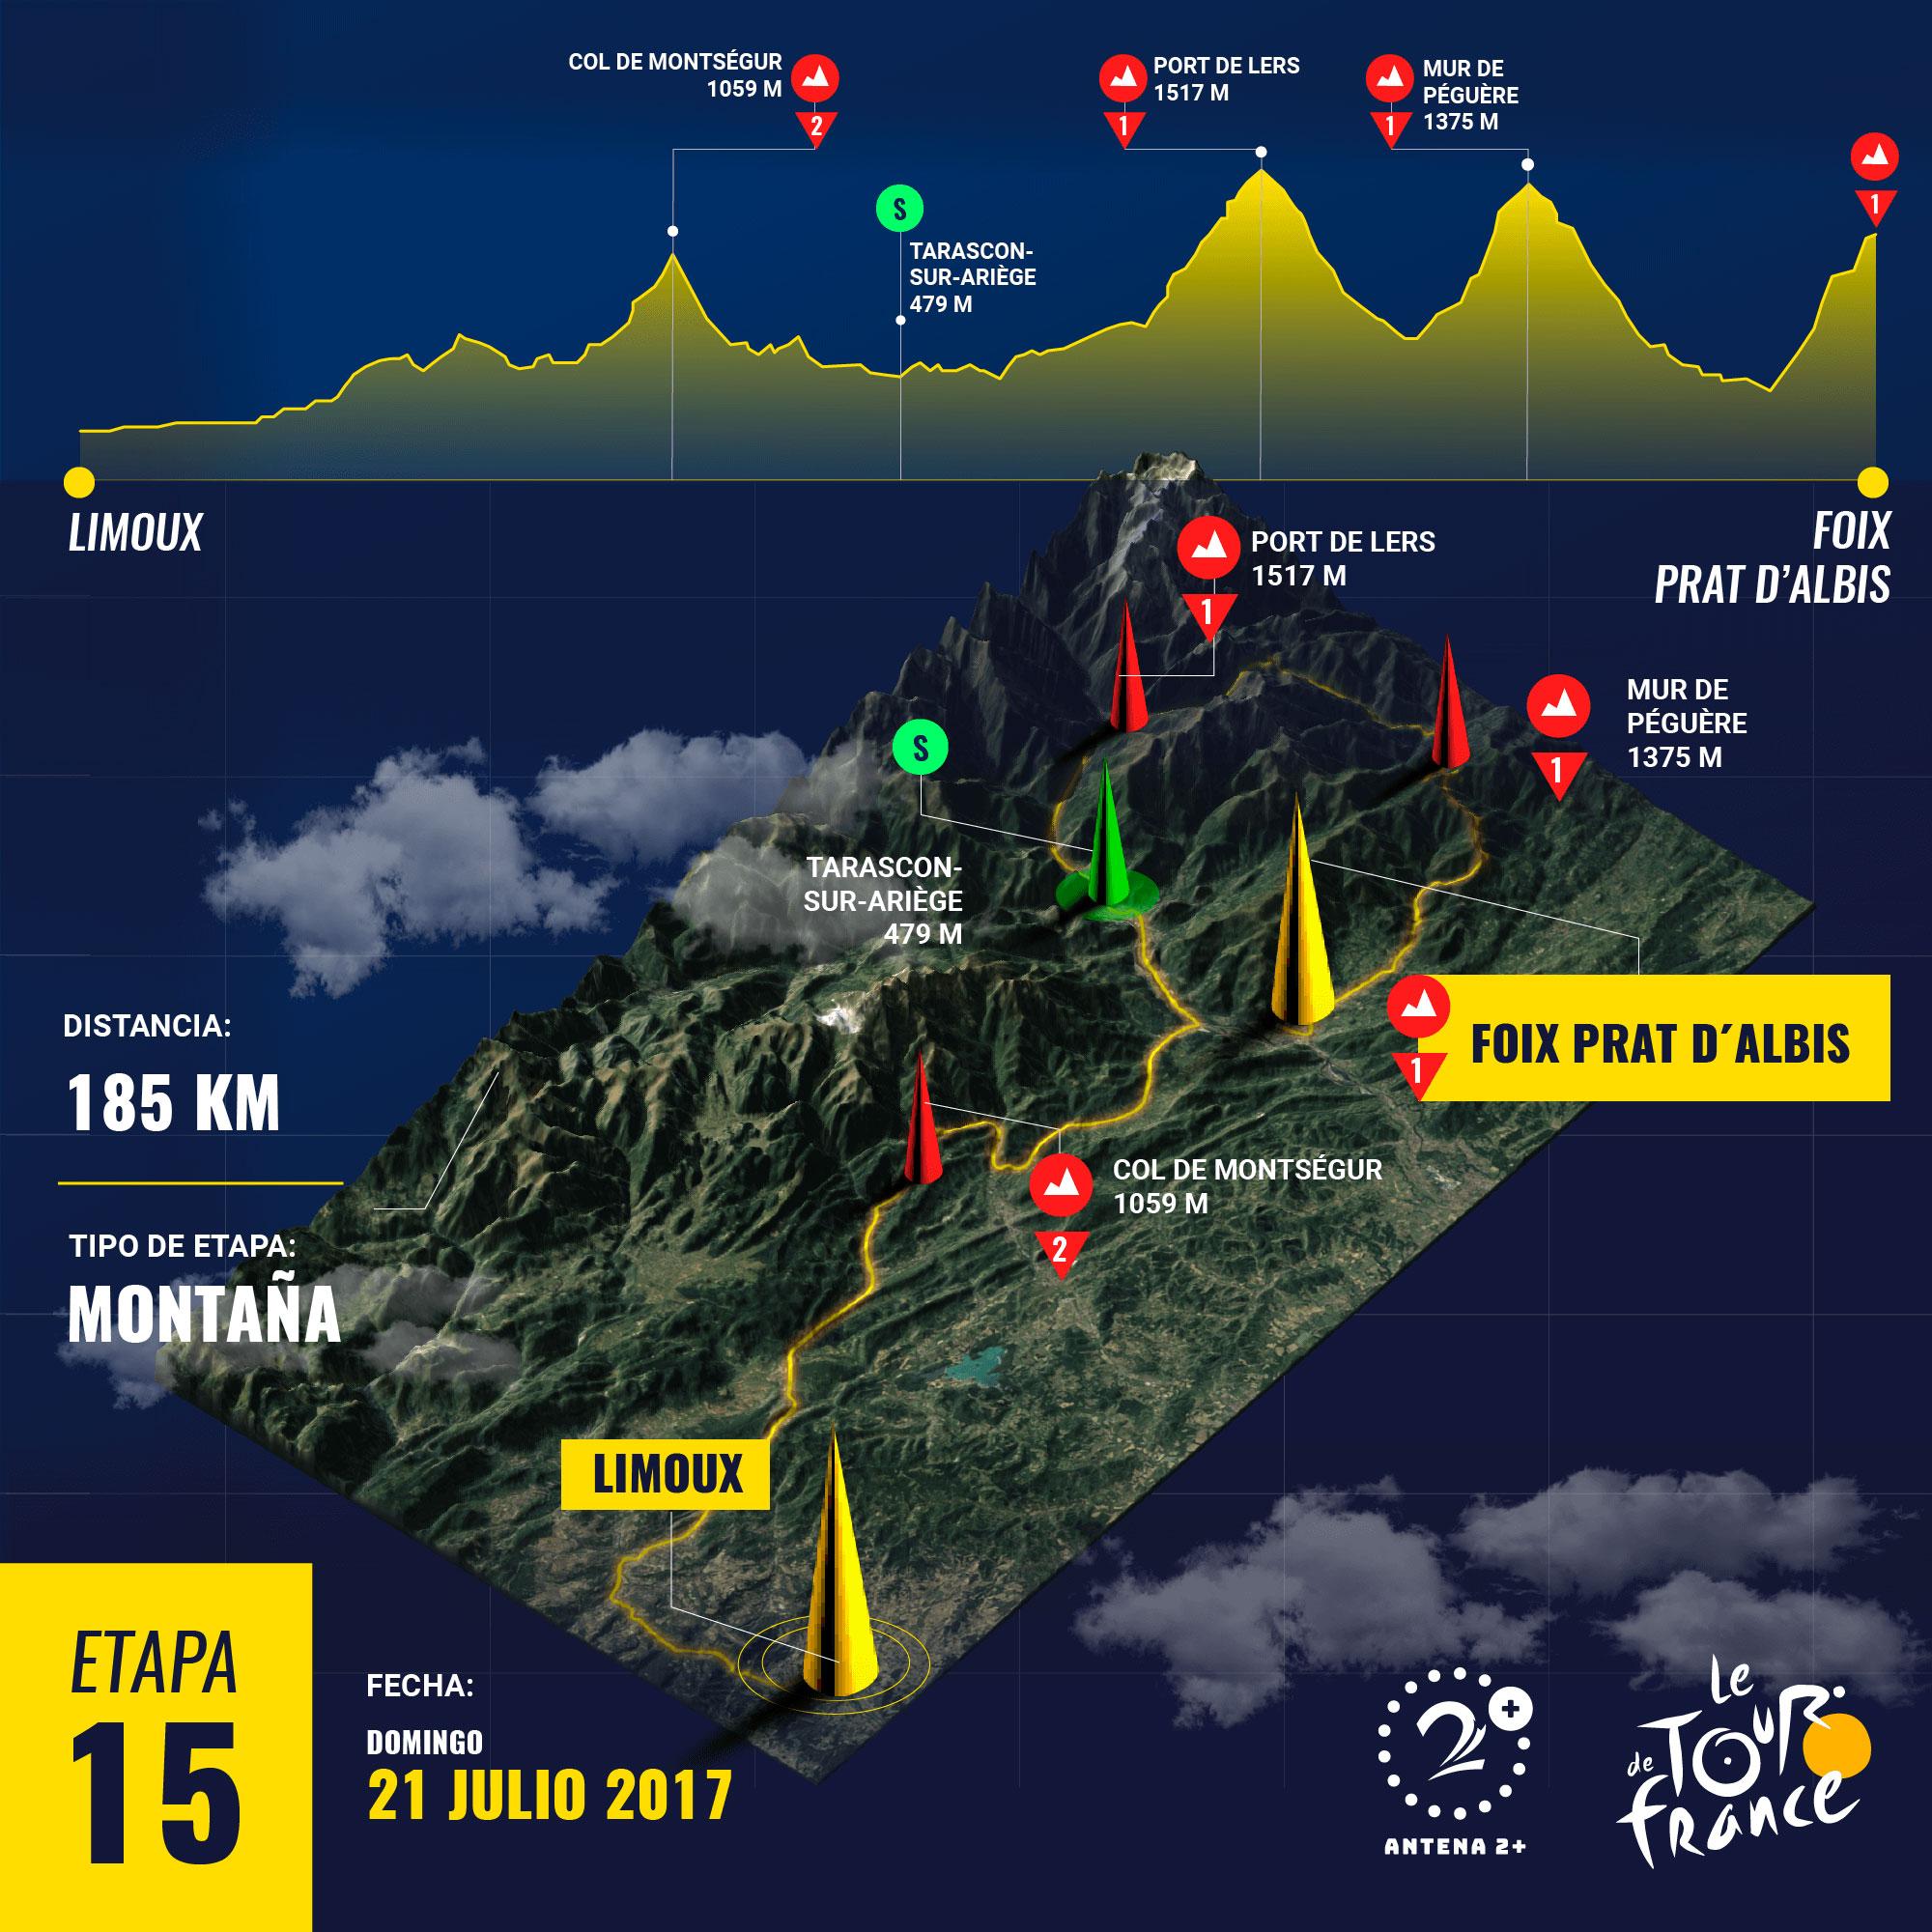 Tour de Francia 2019, etapa 15